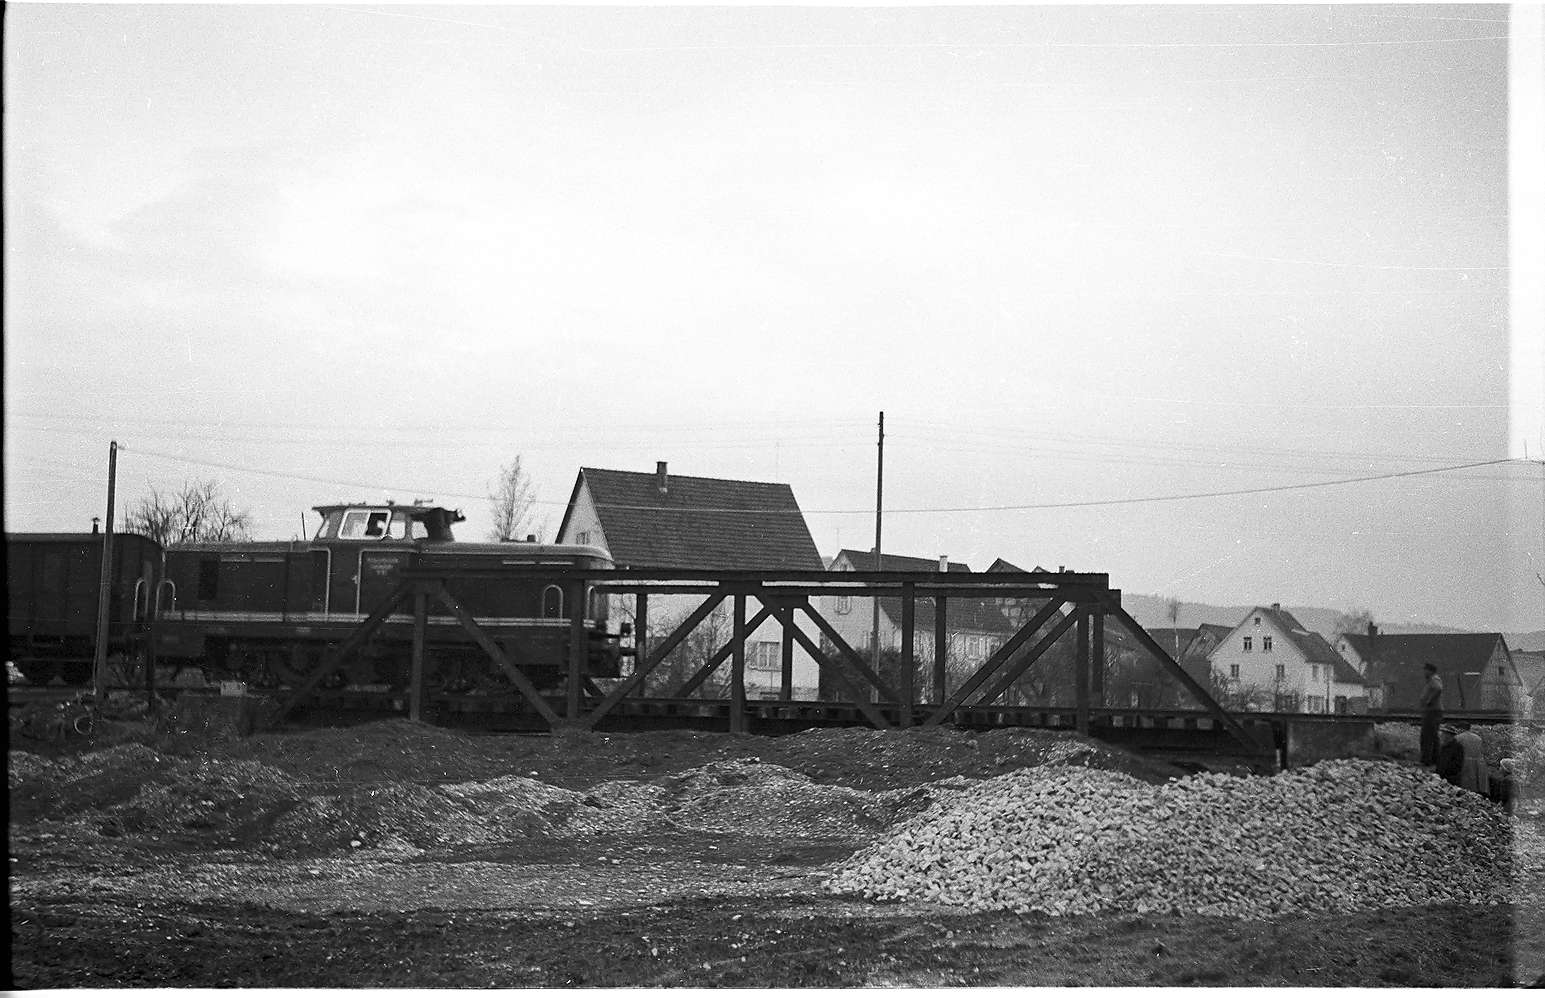 Brücke in Rangendingen, G(St) 304 W, Diesellok V 81 von 1957; im Rahmen der Regulierung der Starzel wurden zwei Eisenfachwerkbrücken von 1912 entfernt, Bild 1